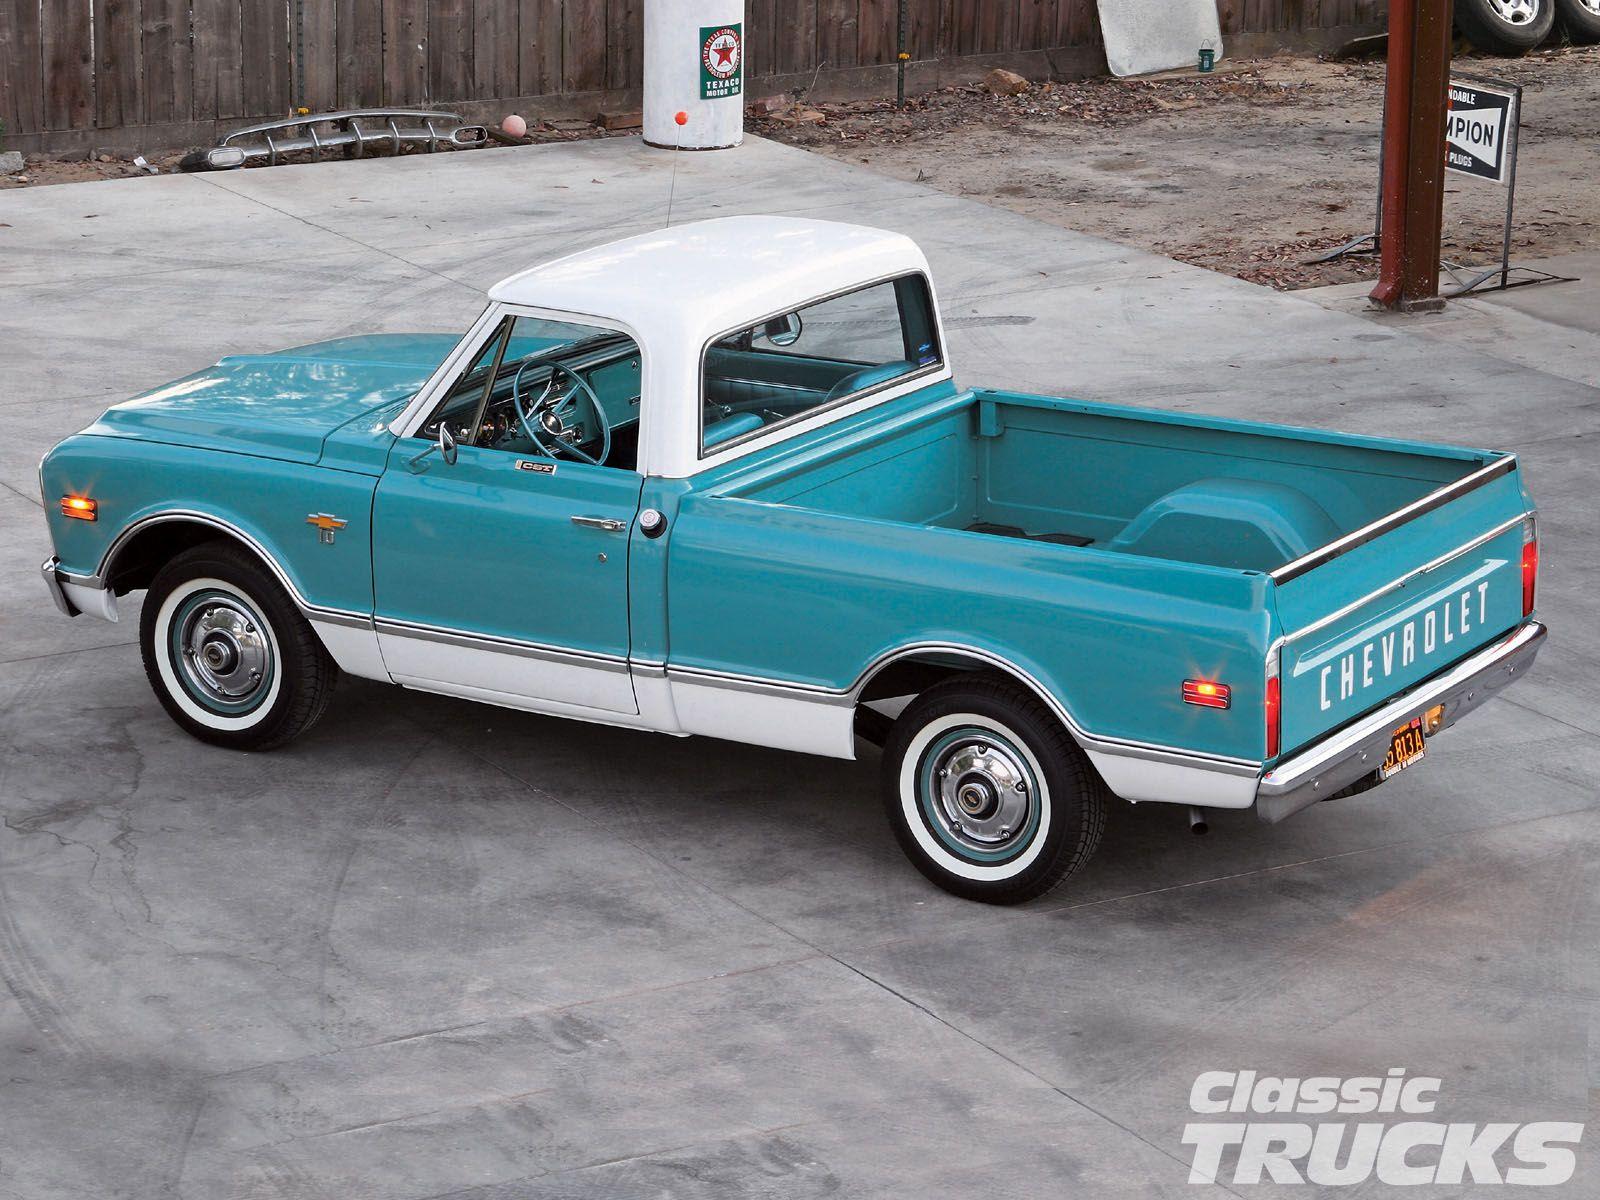 1968 Chevy C 10 Pickup Truck Classic Trucks Magazine Classic